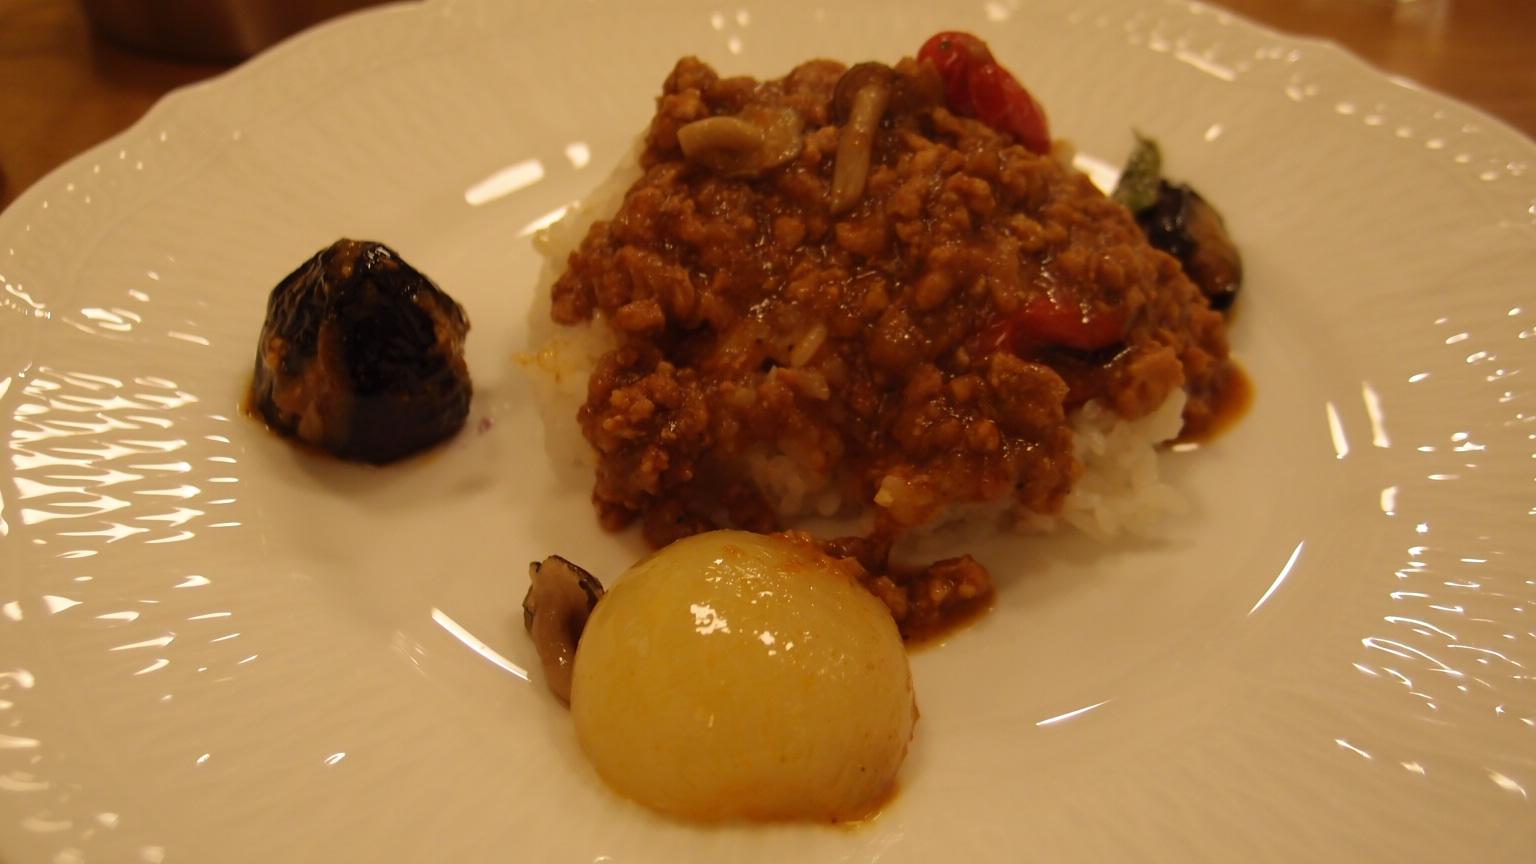 銀座 トップス 彩り野菜のキーマカレー、チョコレートケーキ | Aランチ(ビーフカレー)